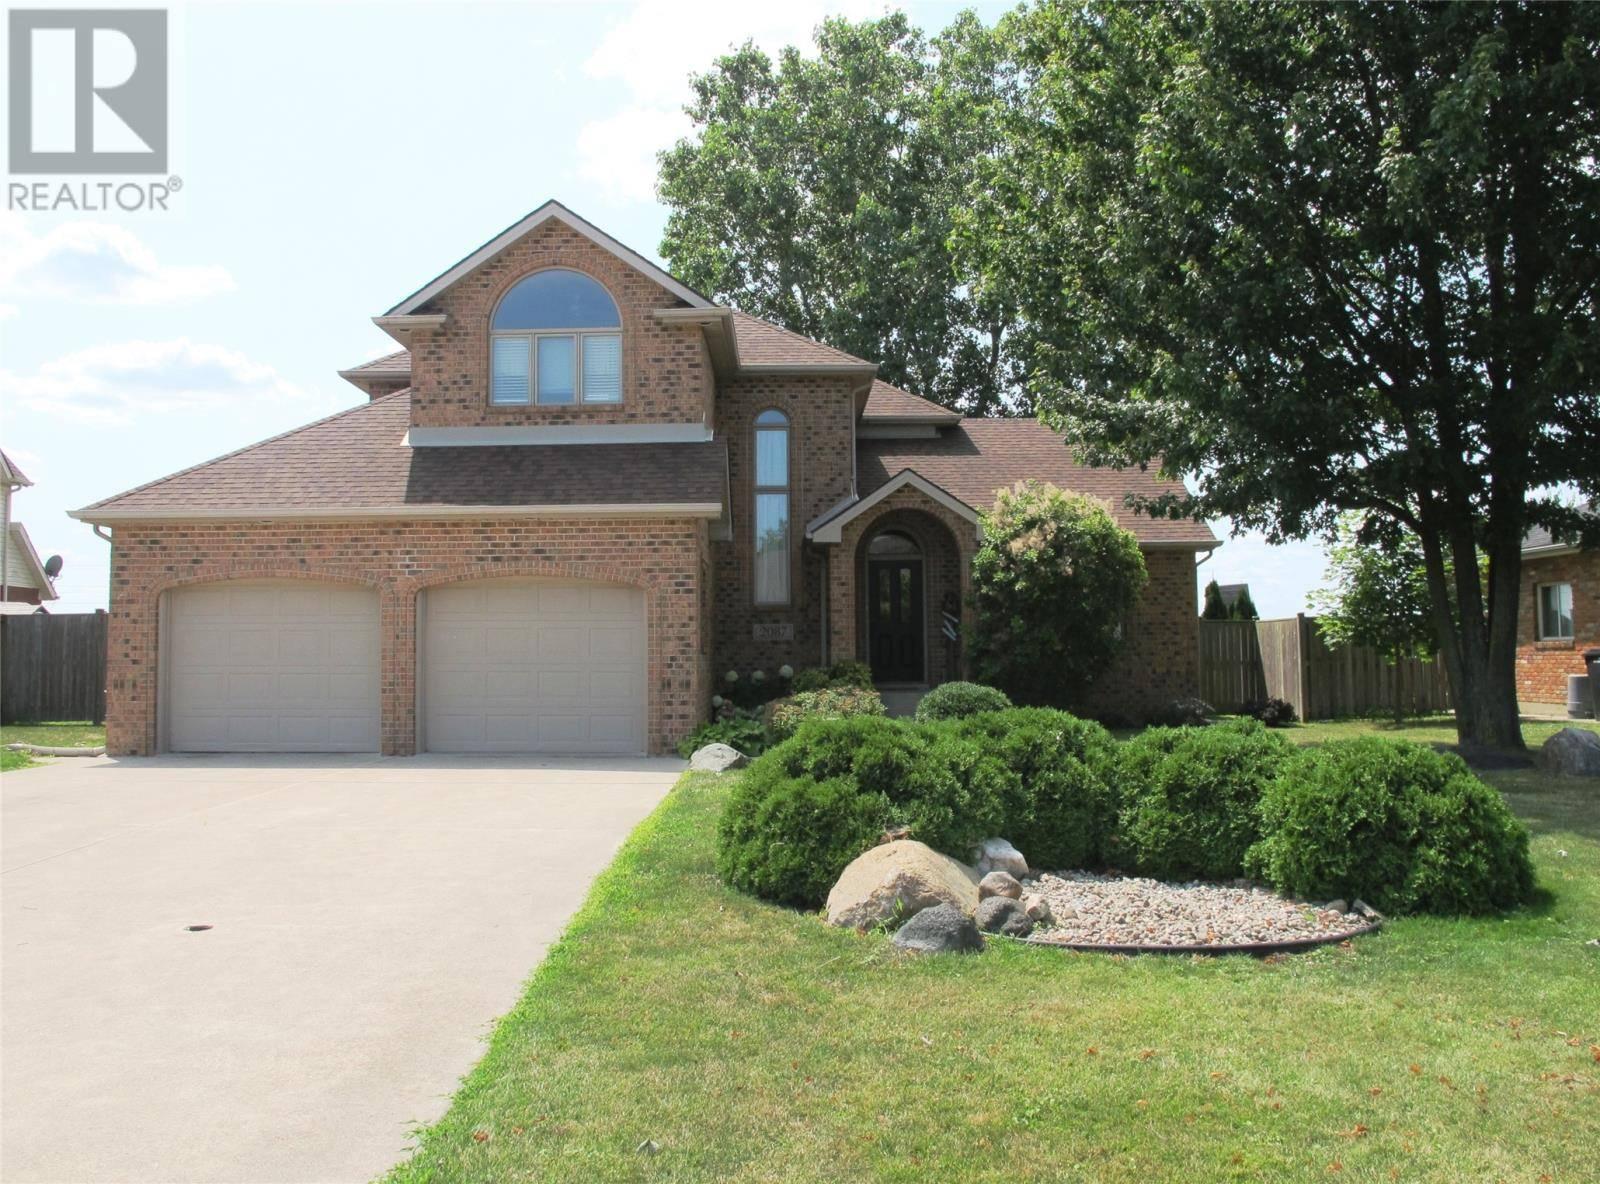 House for sale at 2087 Shawnee  Tecumseh Ontario - MLS: 19022331